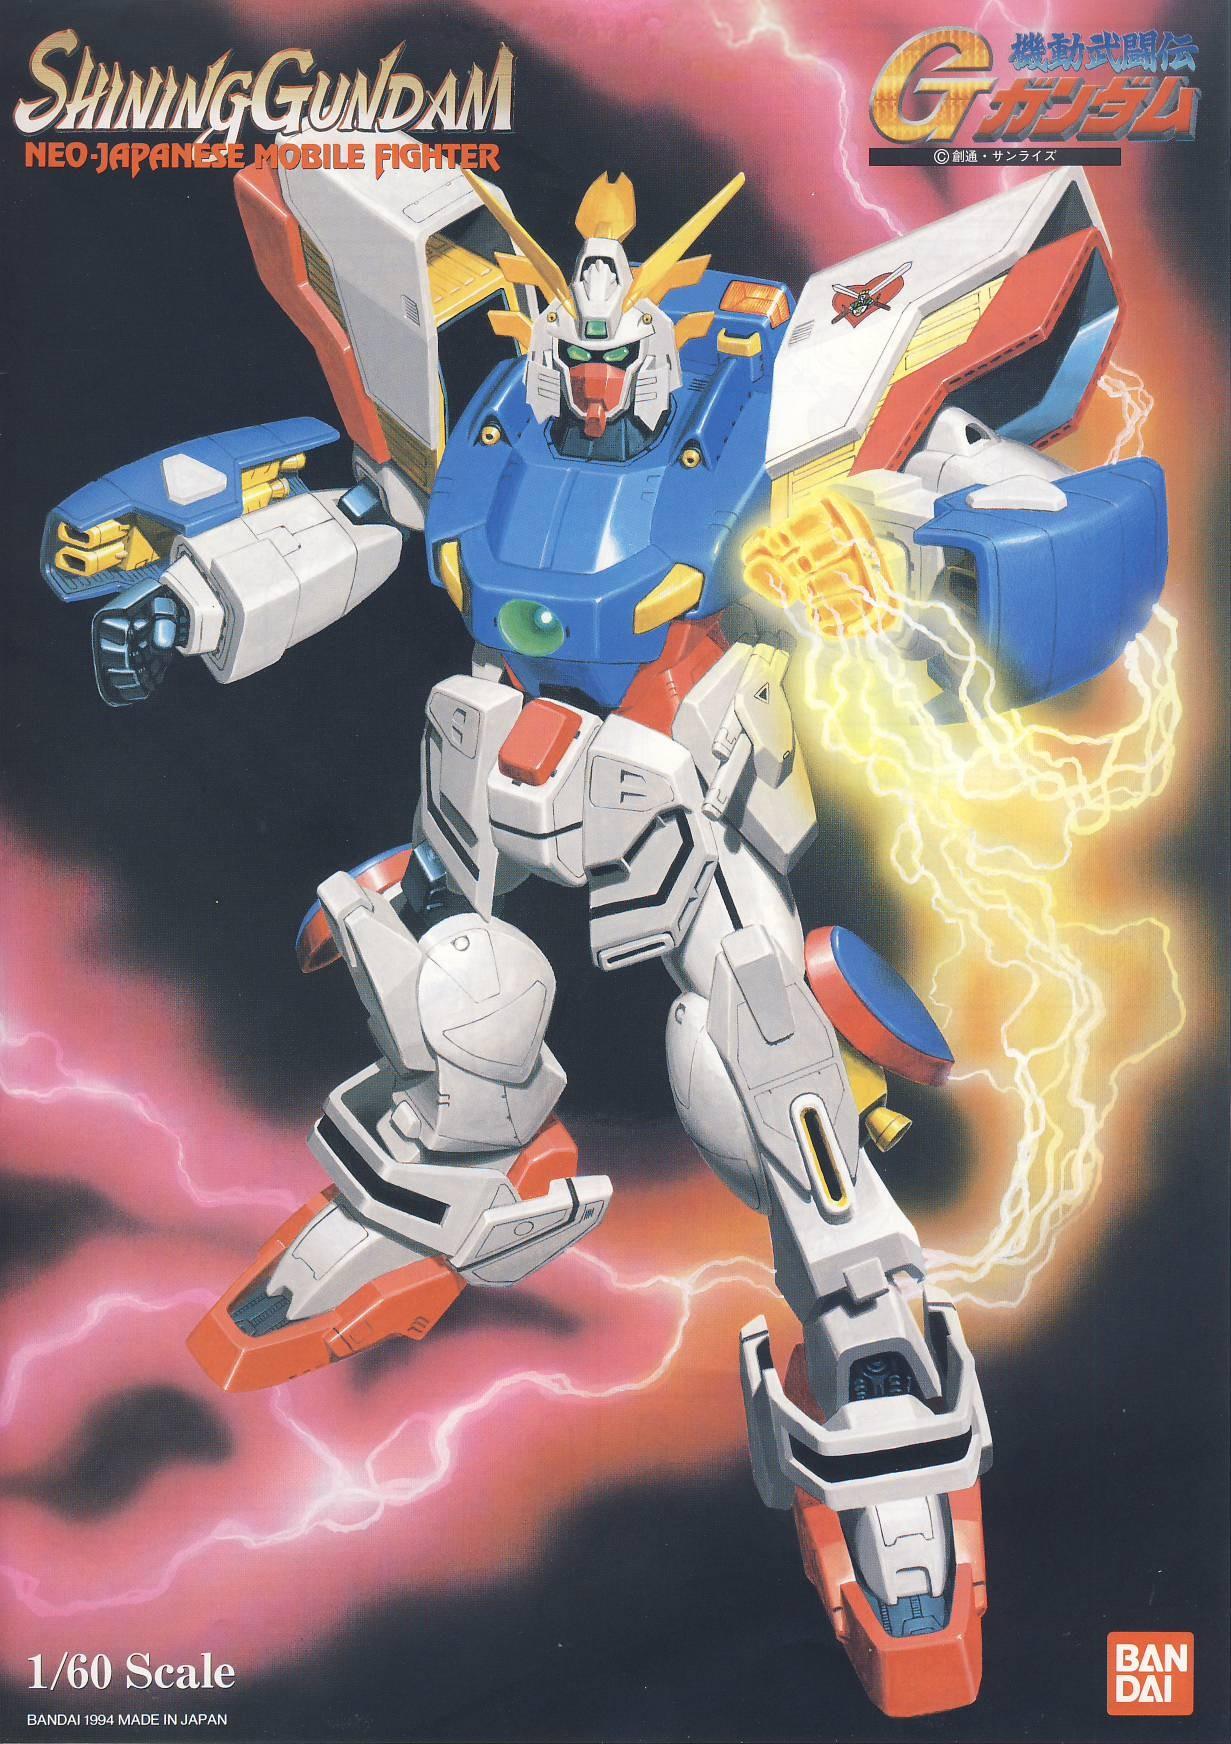 1/60 GF13-017NJ シャイニングガンダム [Shining Gundam]